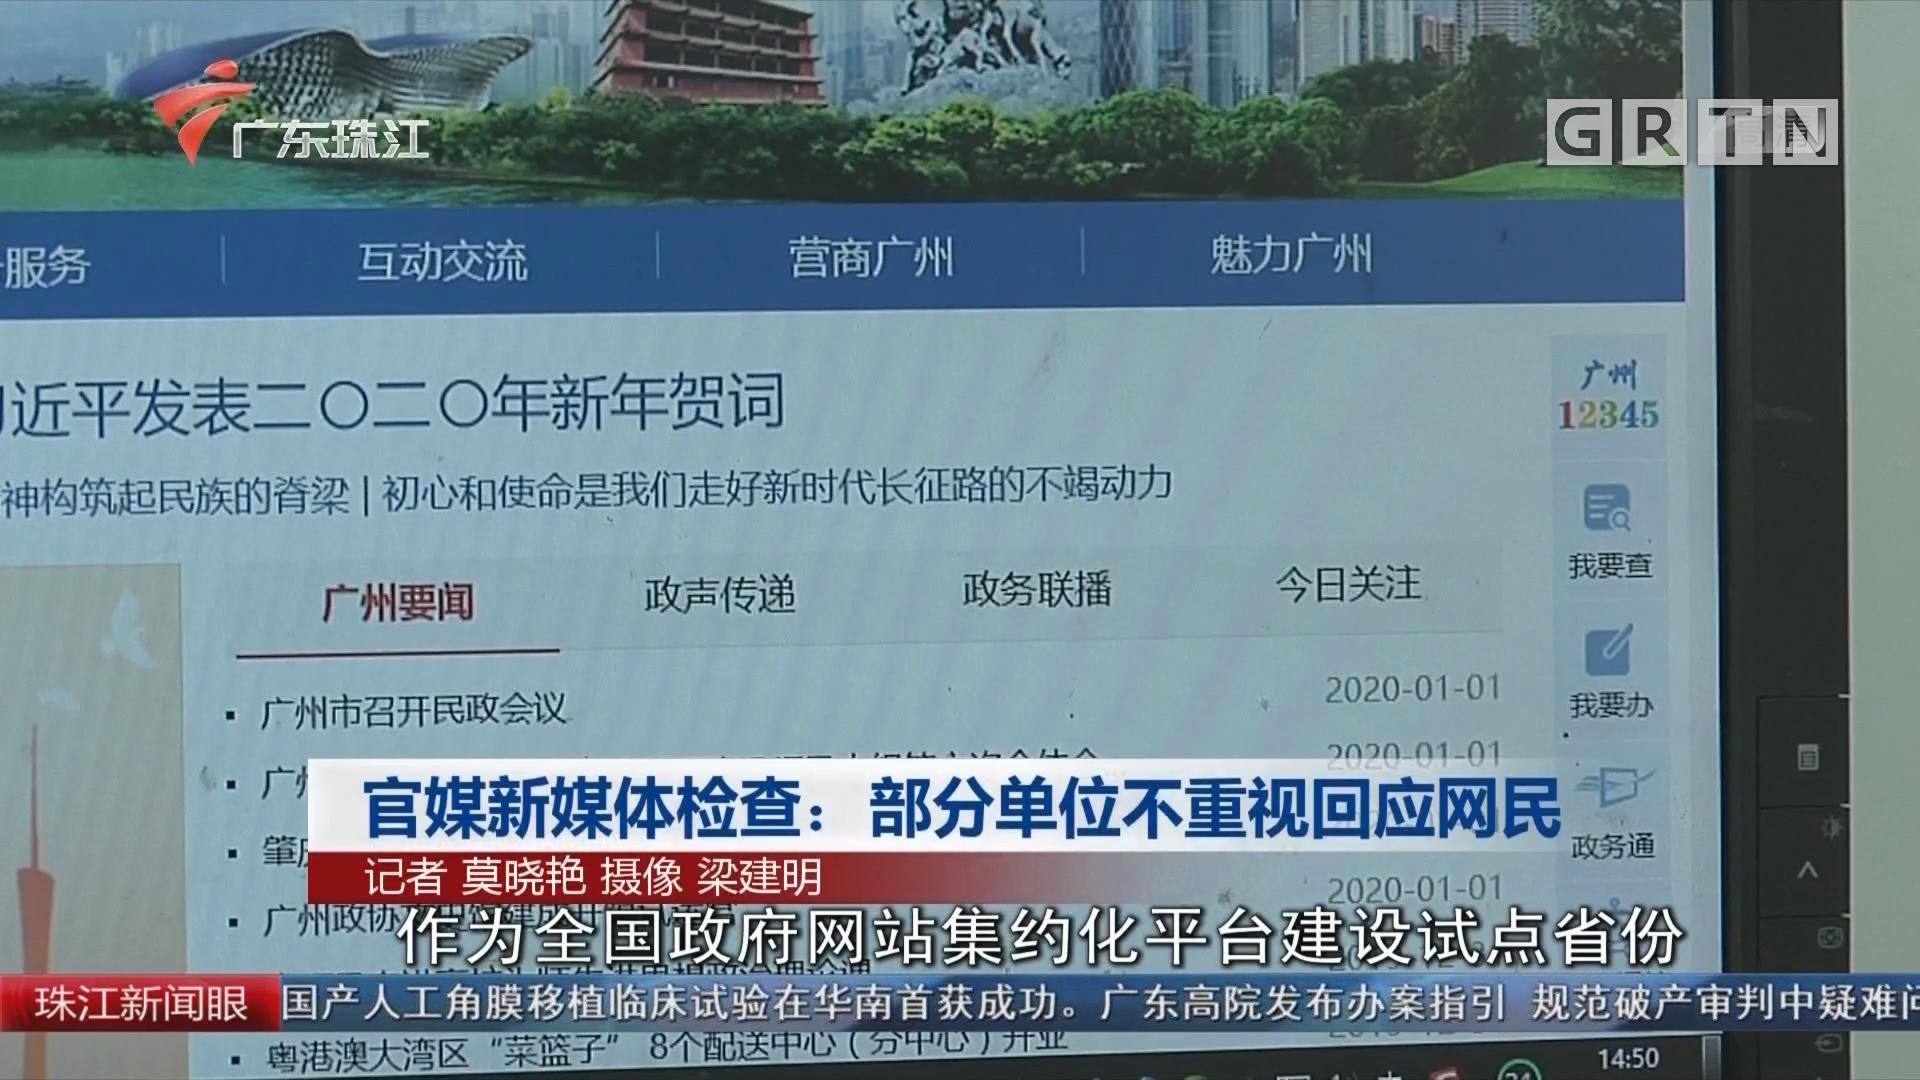 官媒新媒体检查:部分单位不重视回应网民